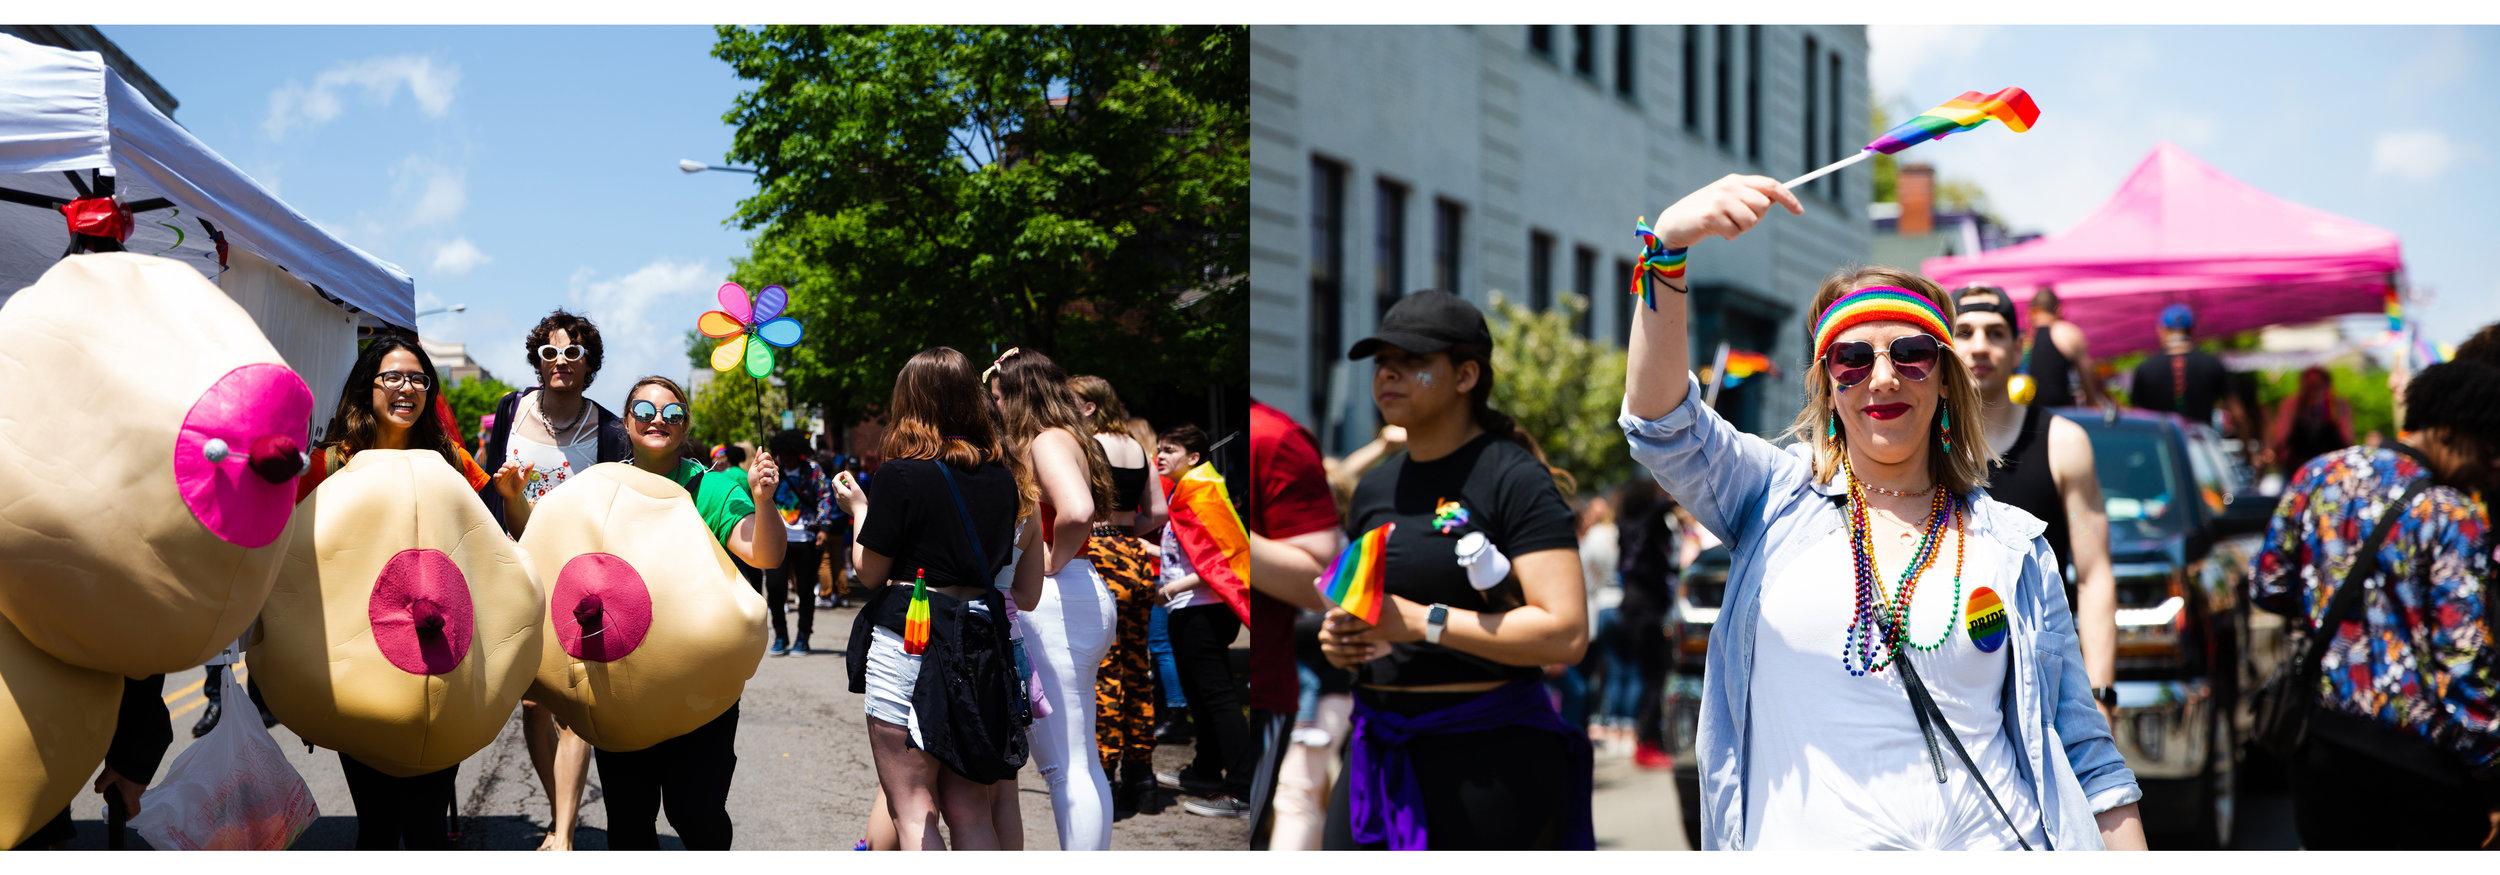 pride_2019_blog_13.jpg